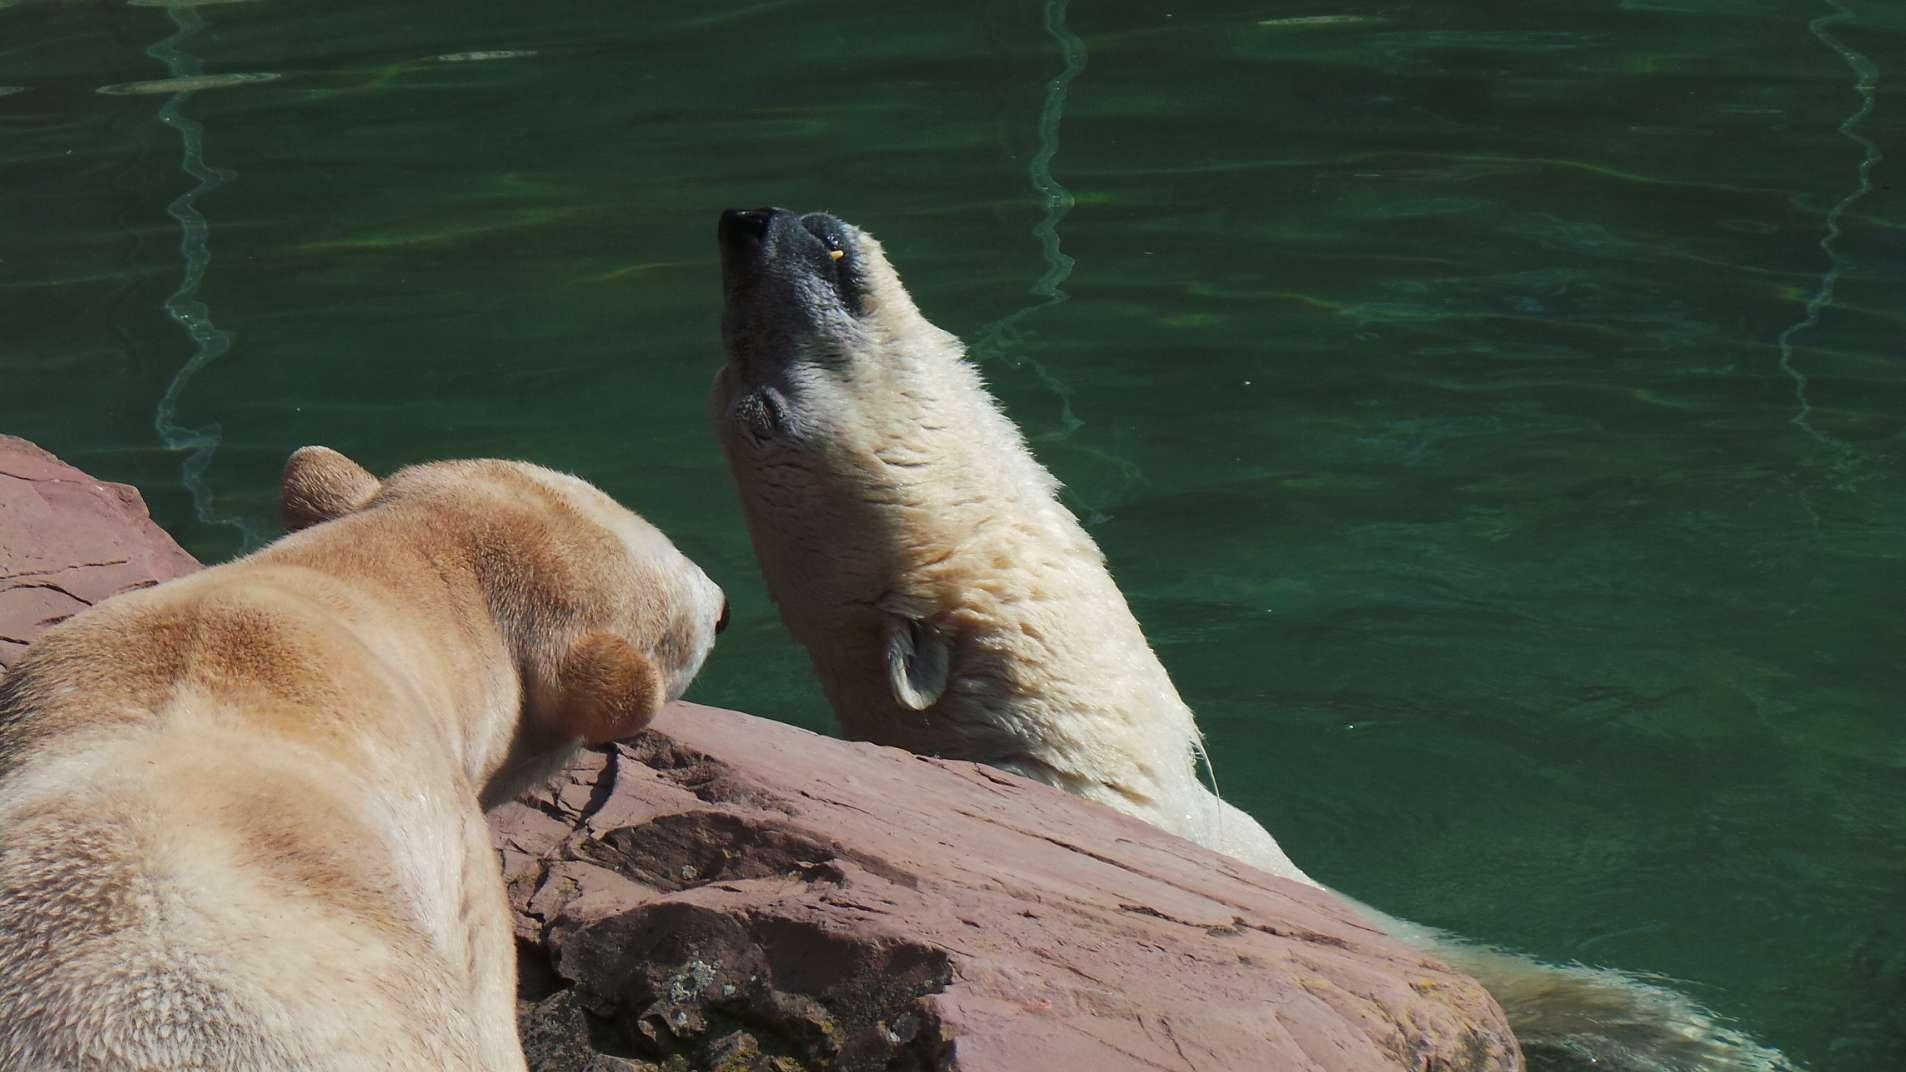 Die Nürnberger Eisbären Vera (l.) und Nanuq (r.) in ihrem Freigehege